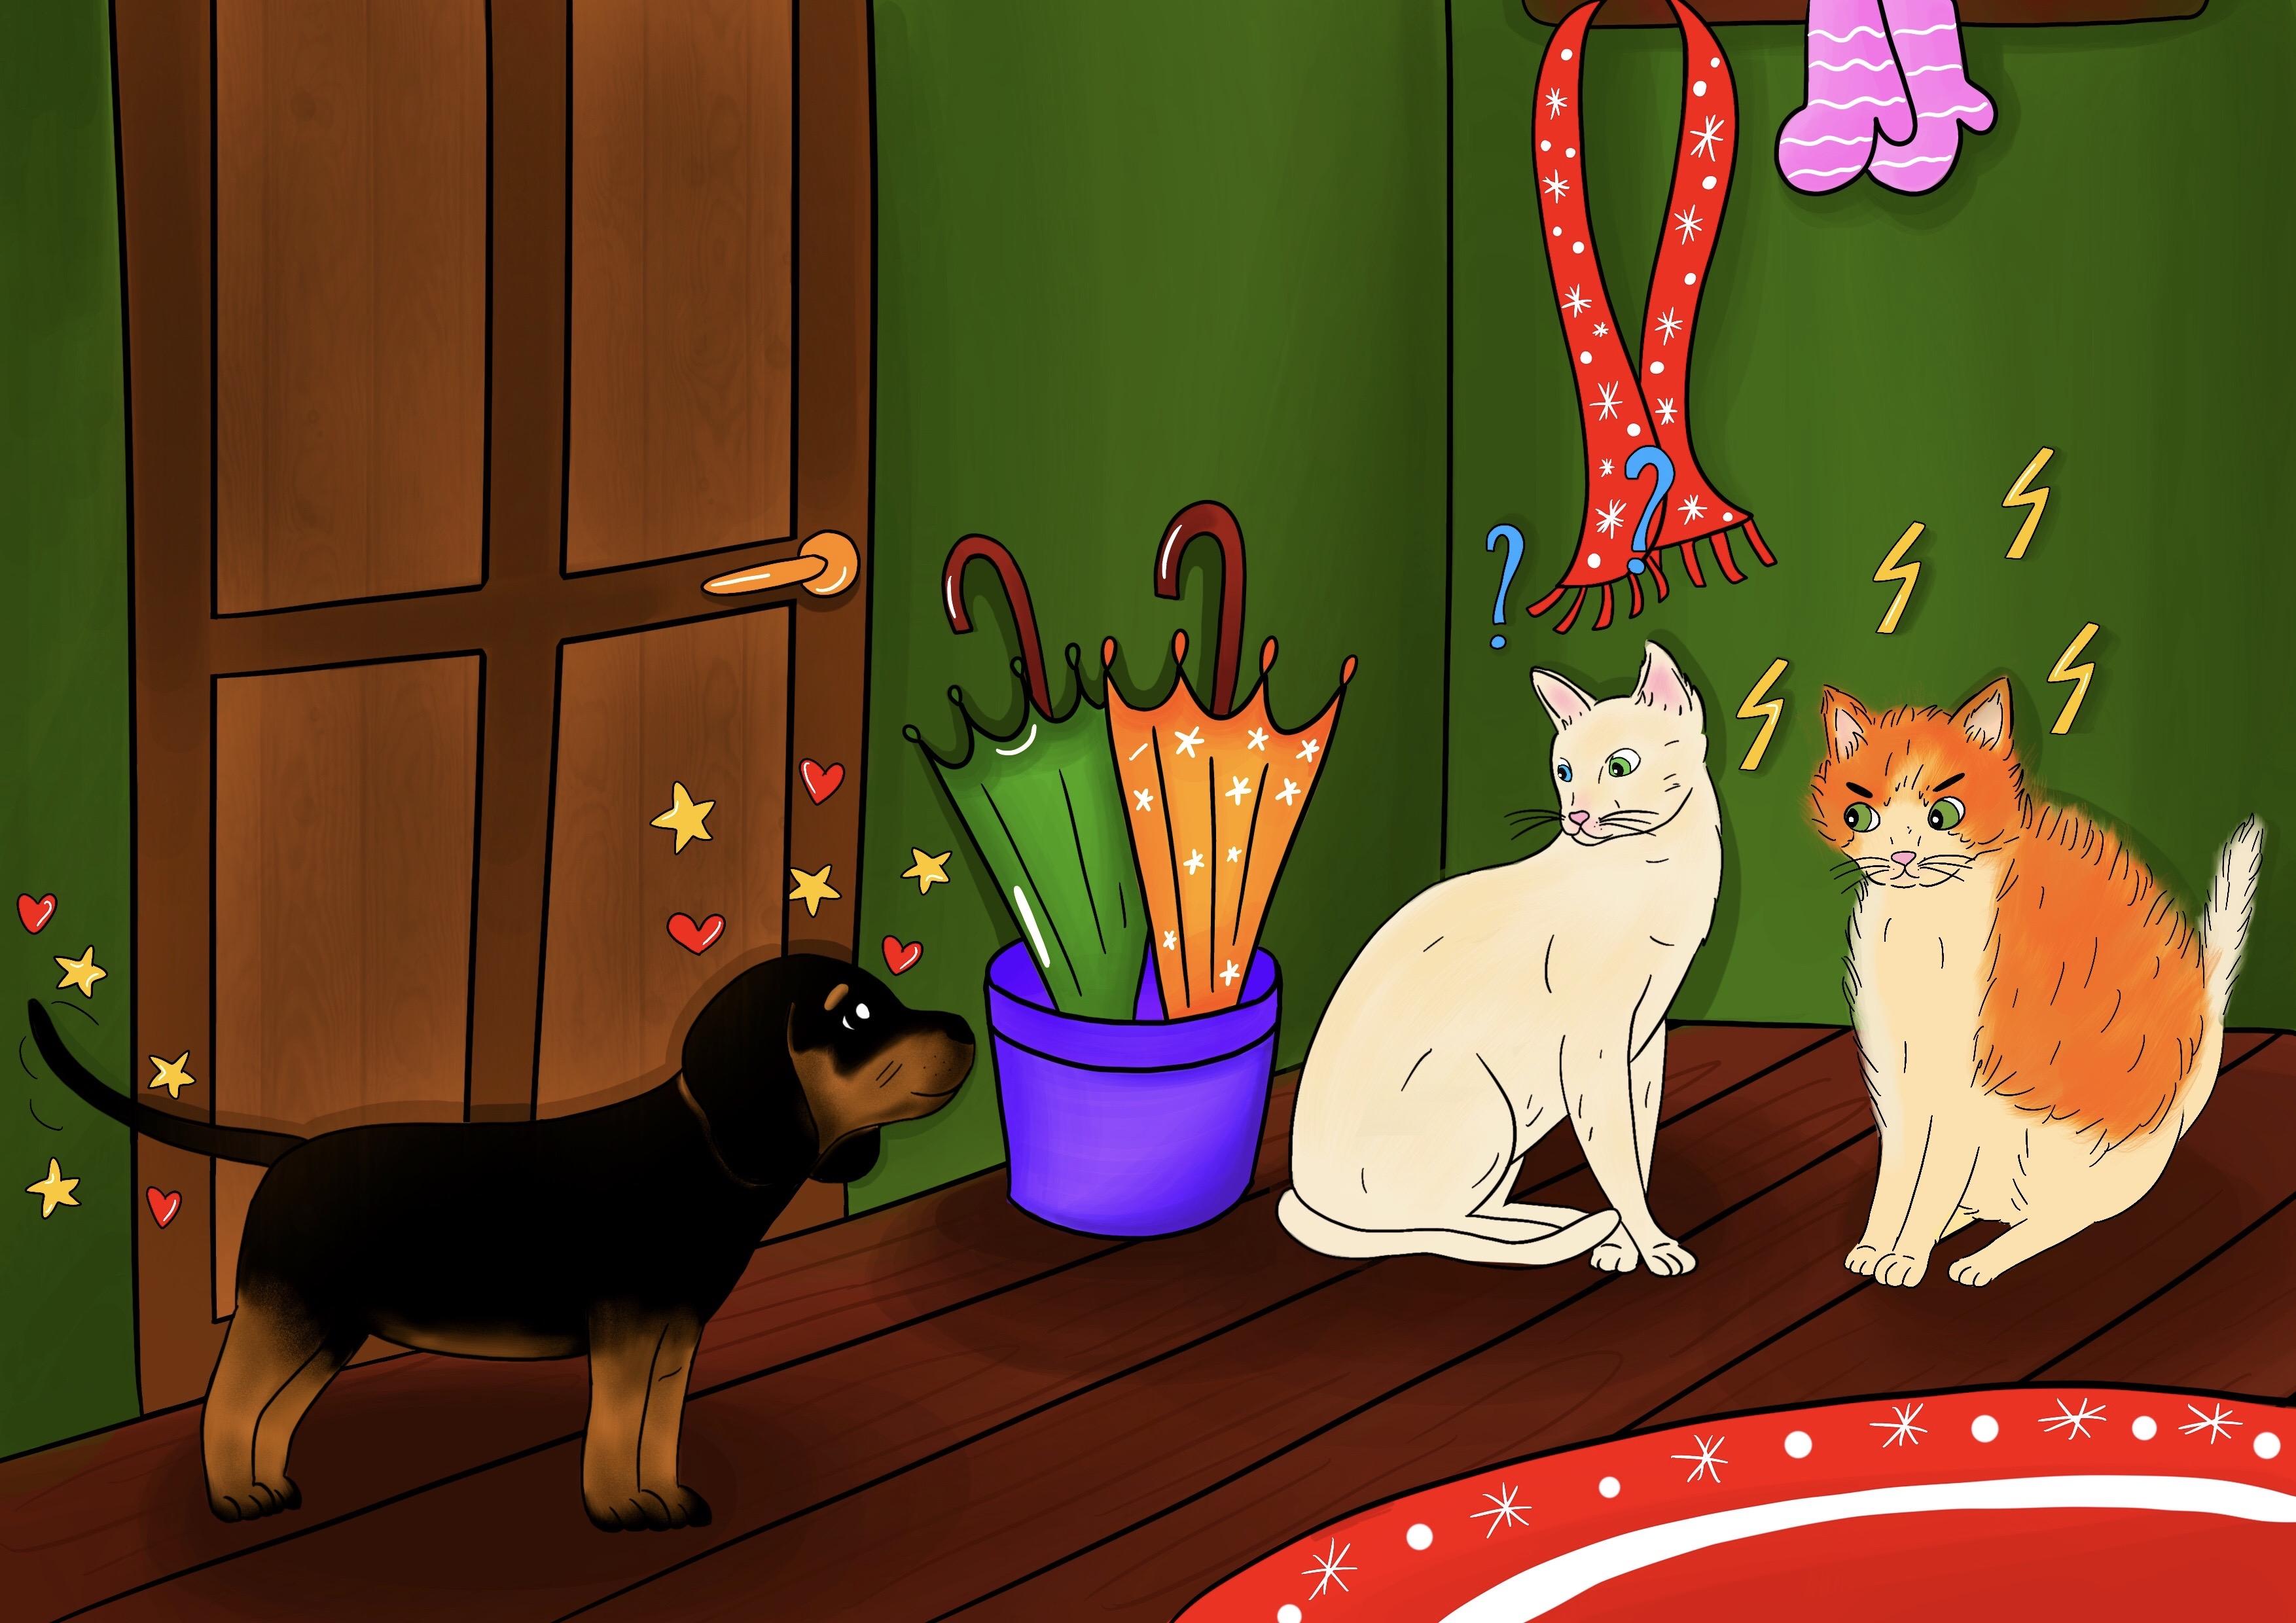 Storie di cani: il cane Candito racconta a Cicciobello di aver conosciuto due gatte